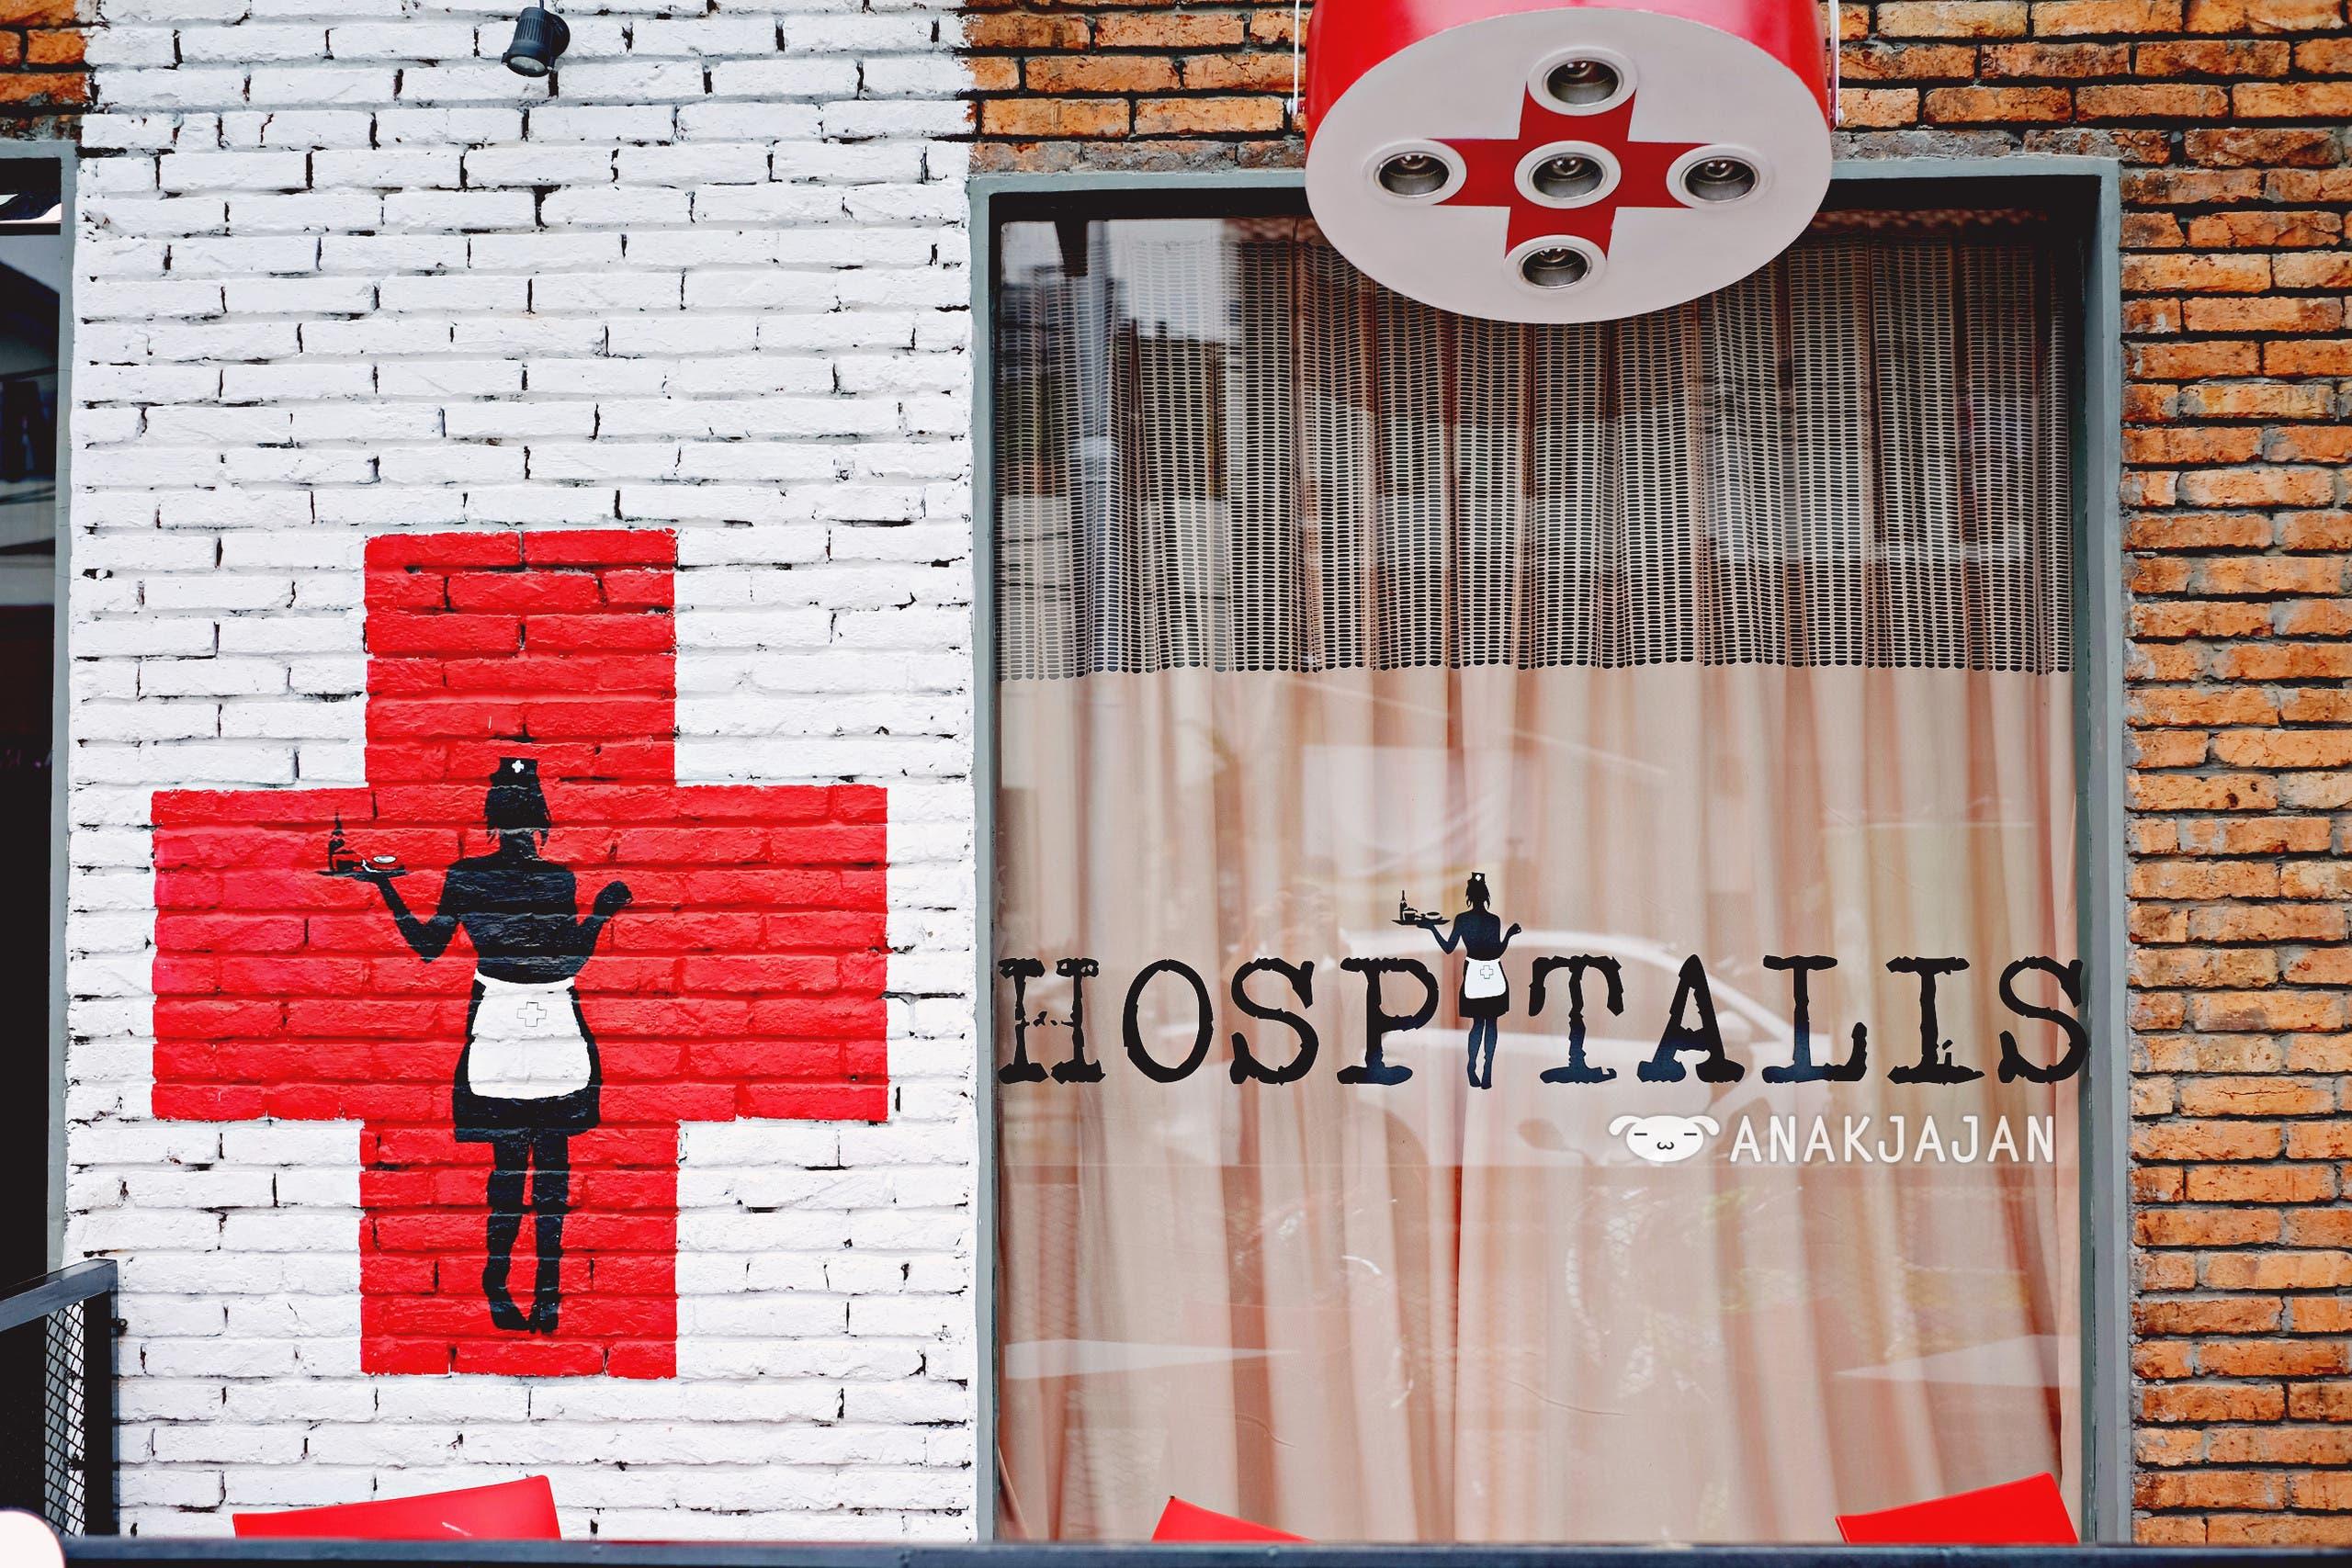 واجهة المطعم المستشفى